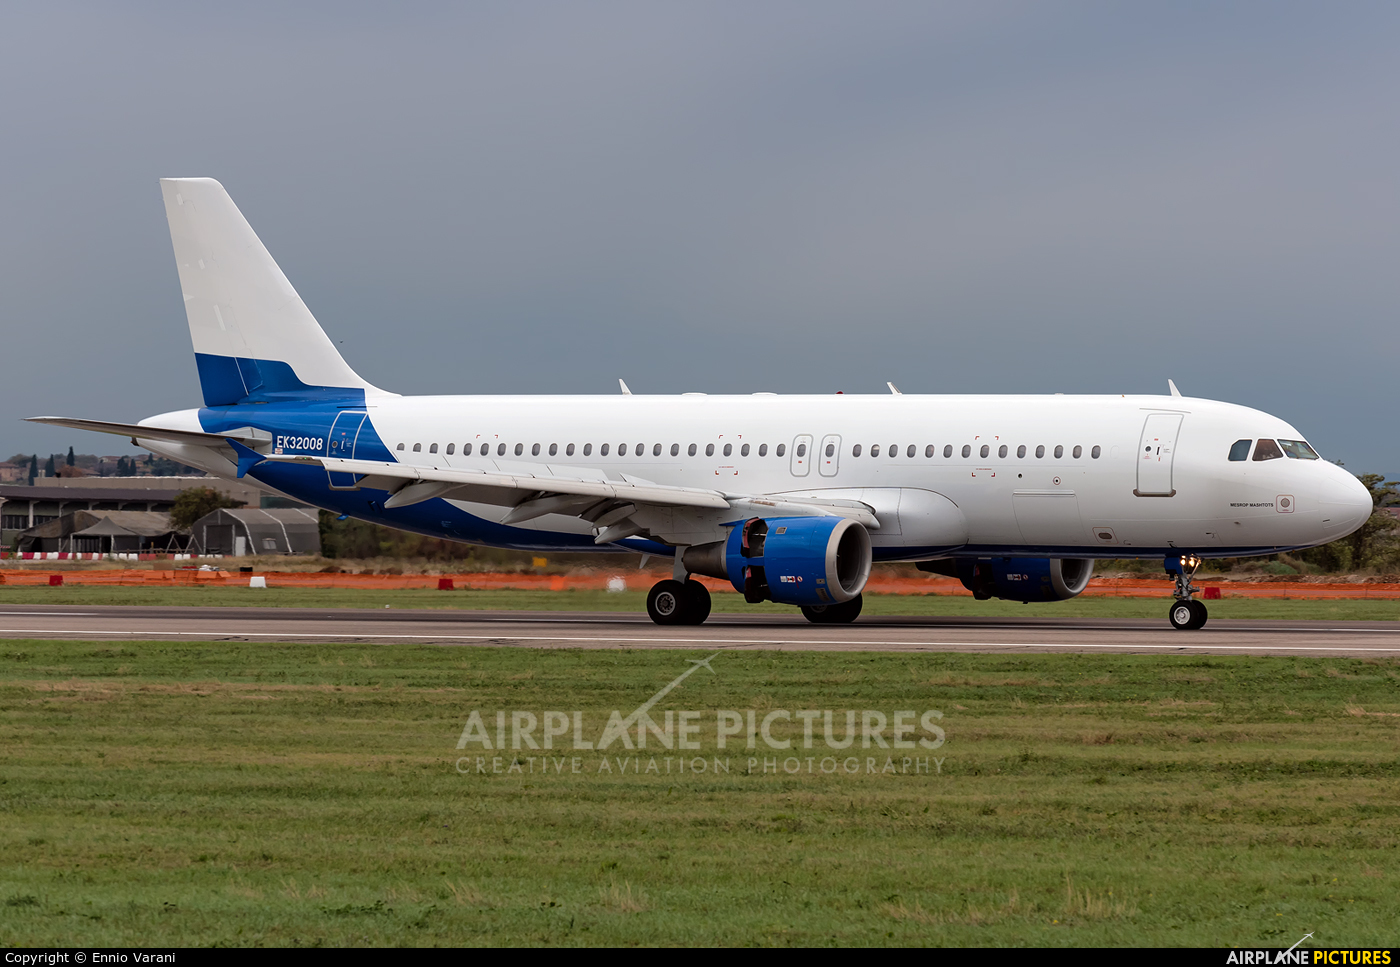 Atlantis European Airways EK32008 aircraft at Verona - Villafranca